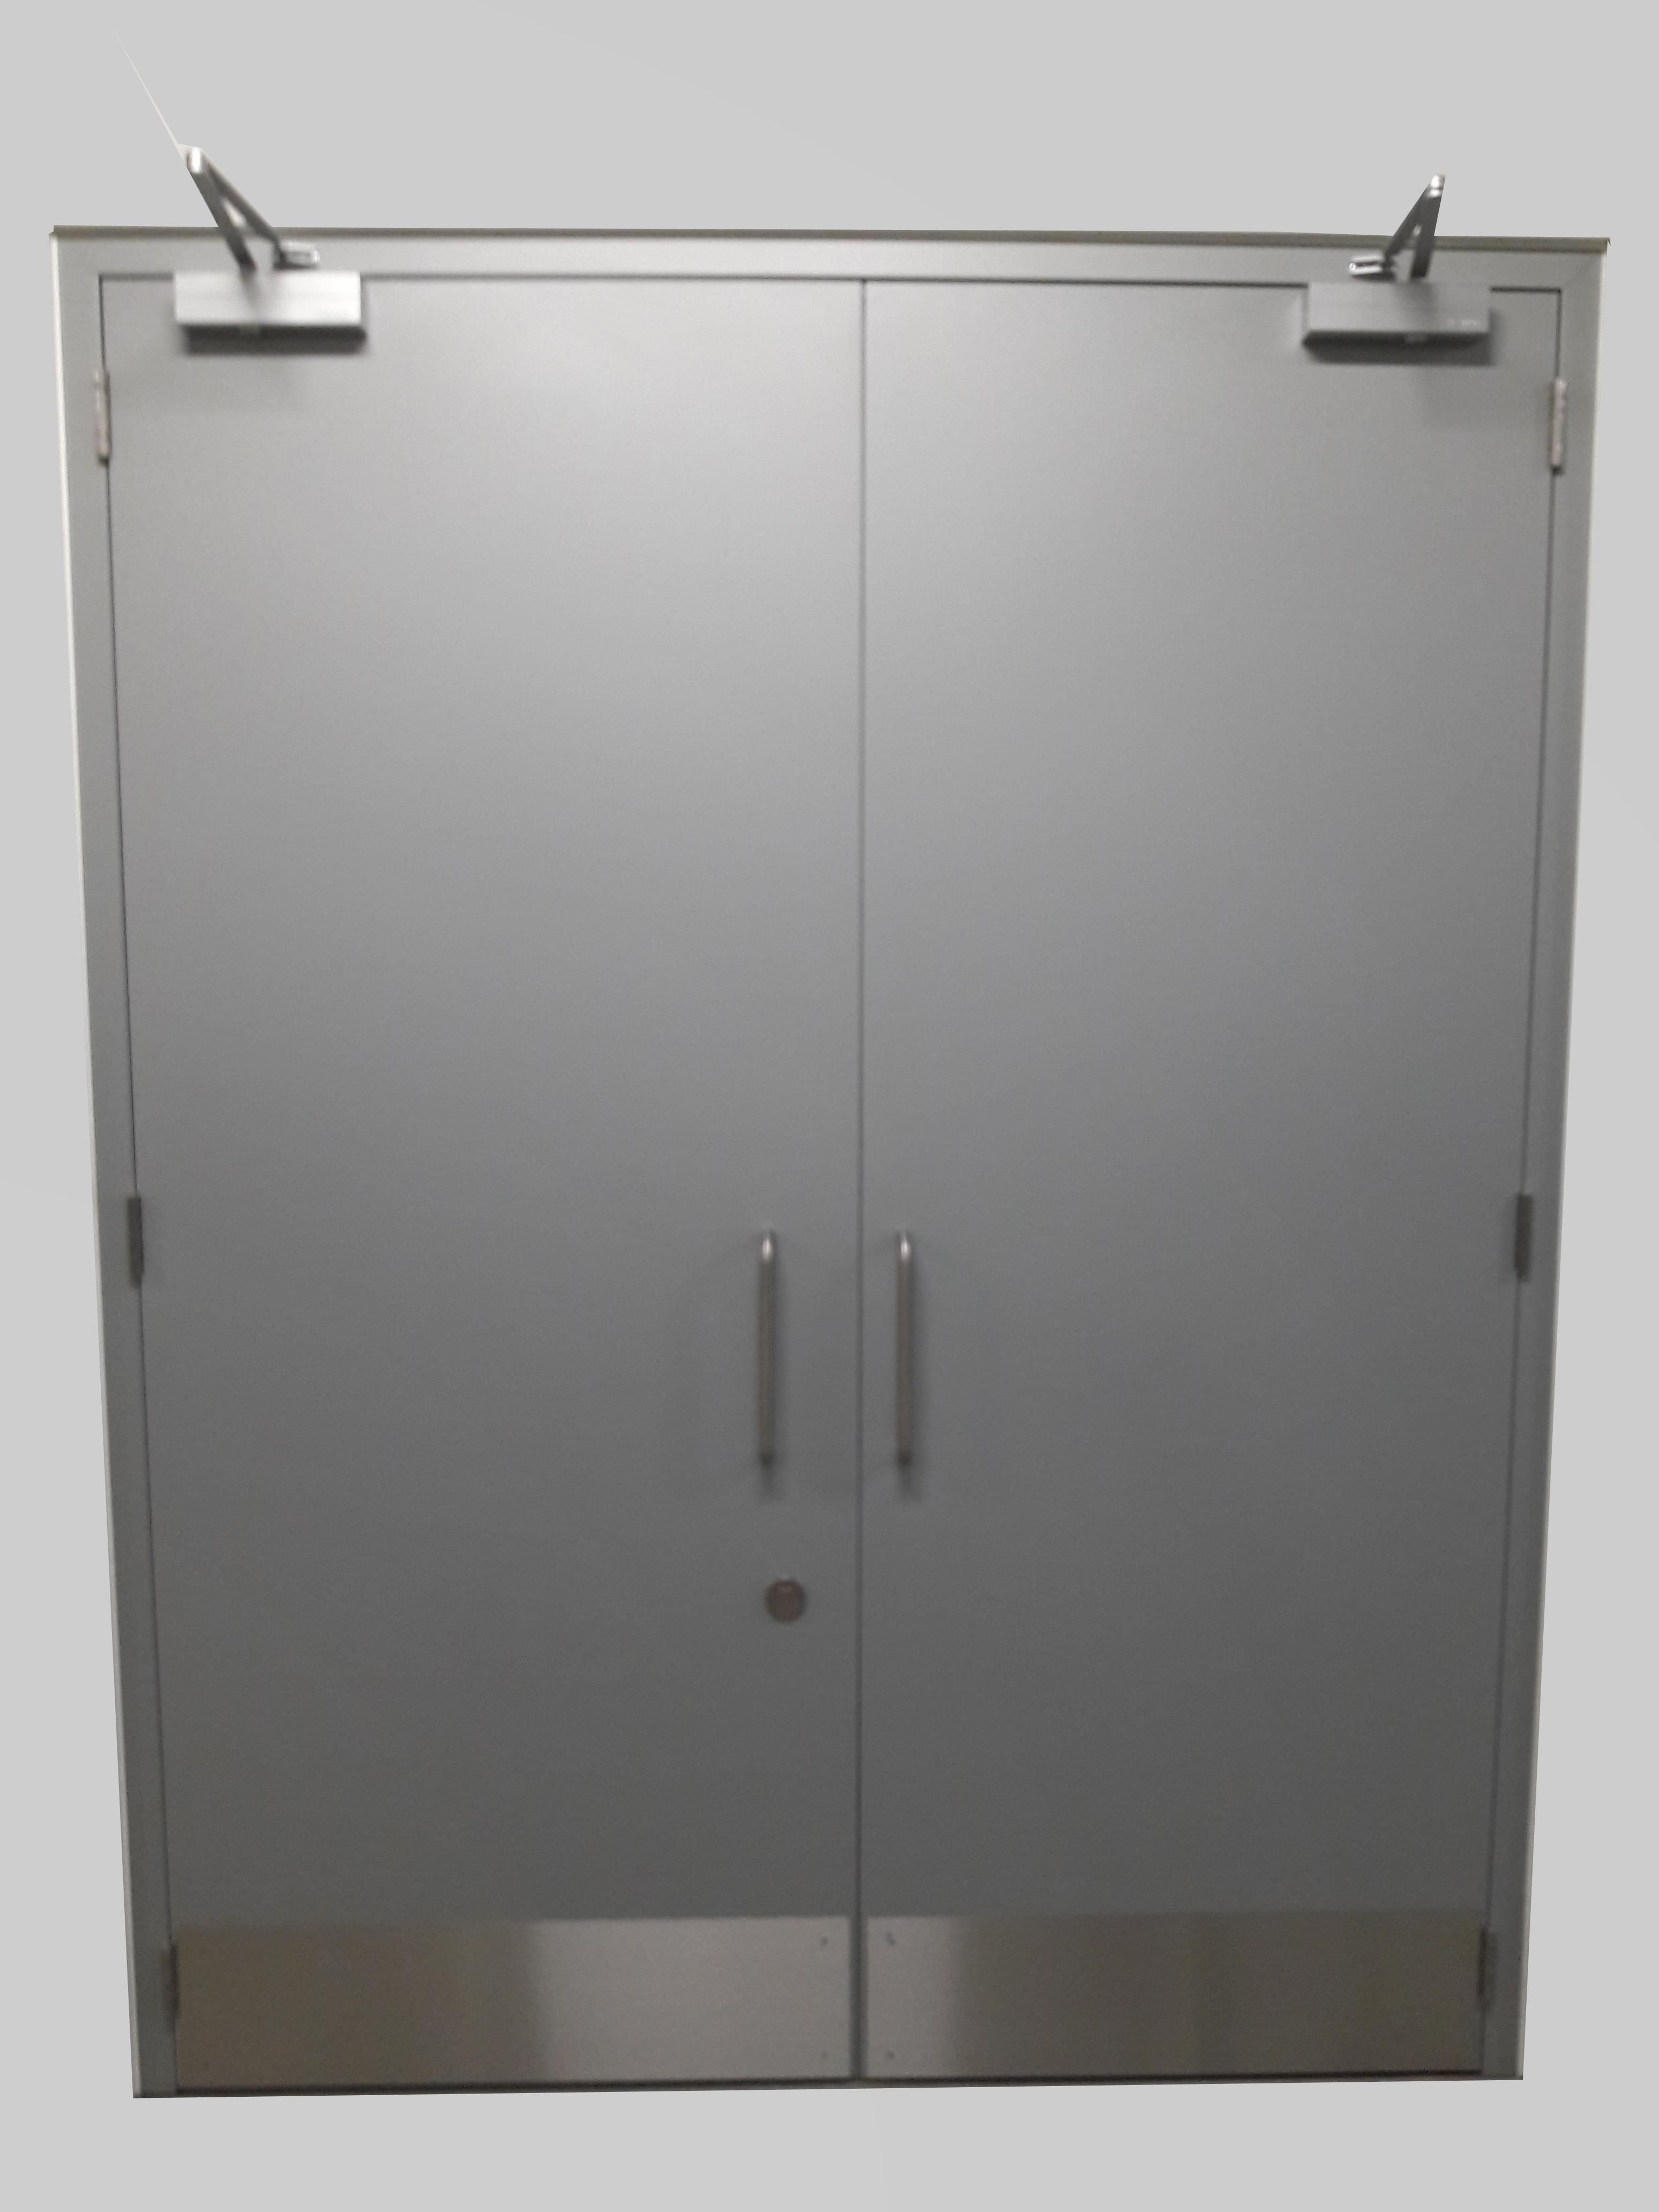 Personnel - Personnel Doorset